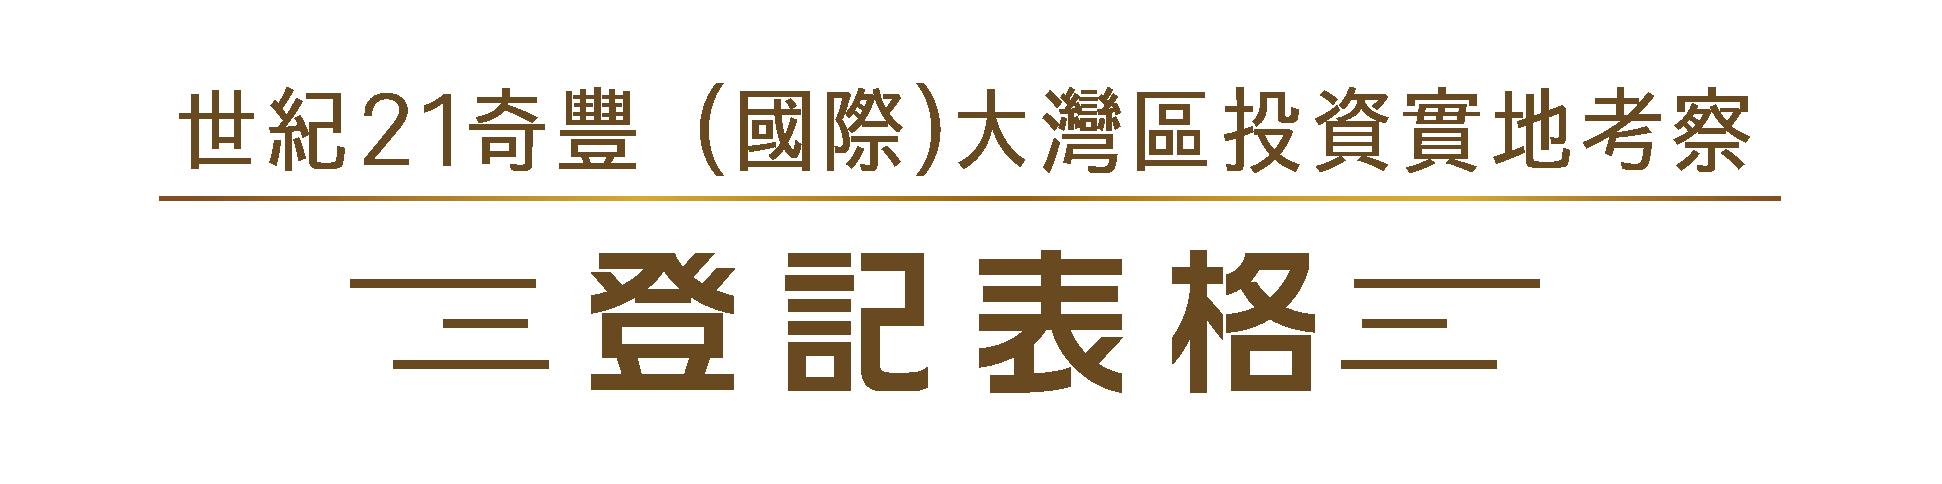 2018世紀21奇豐(國際)大灣區投資實地考察登記表格